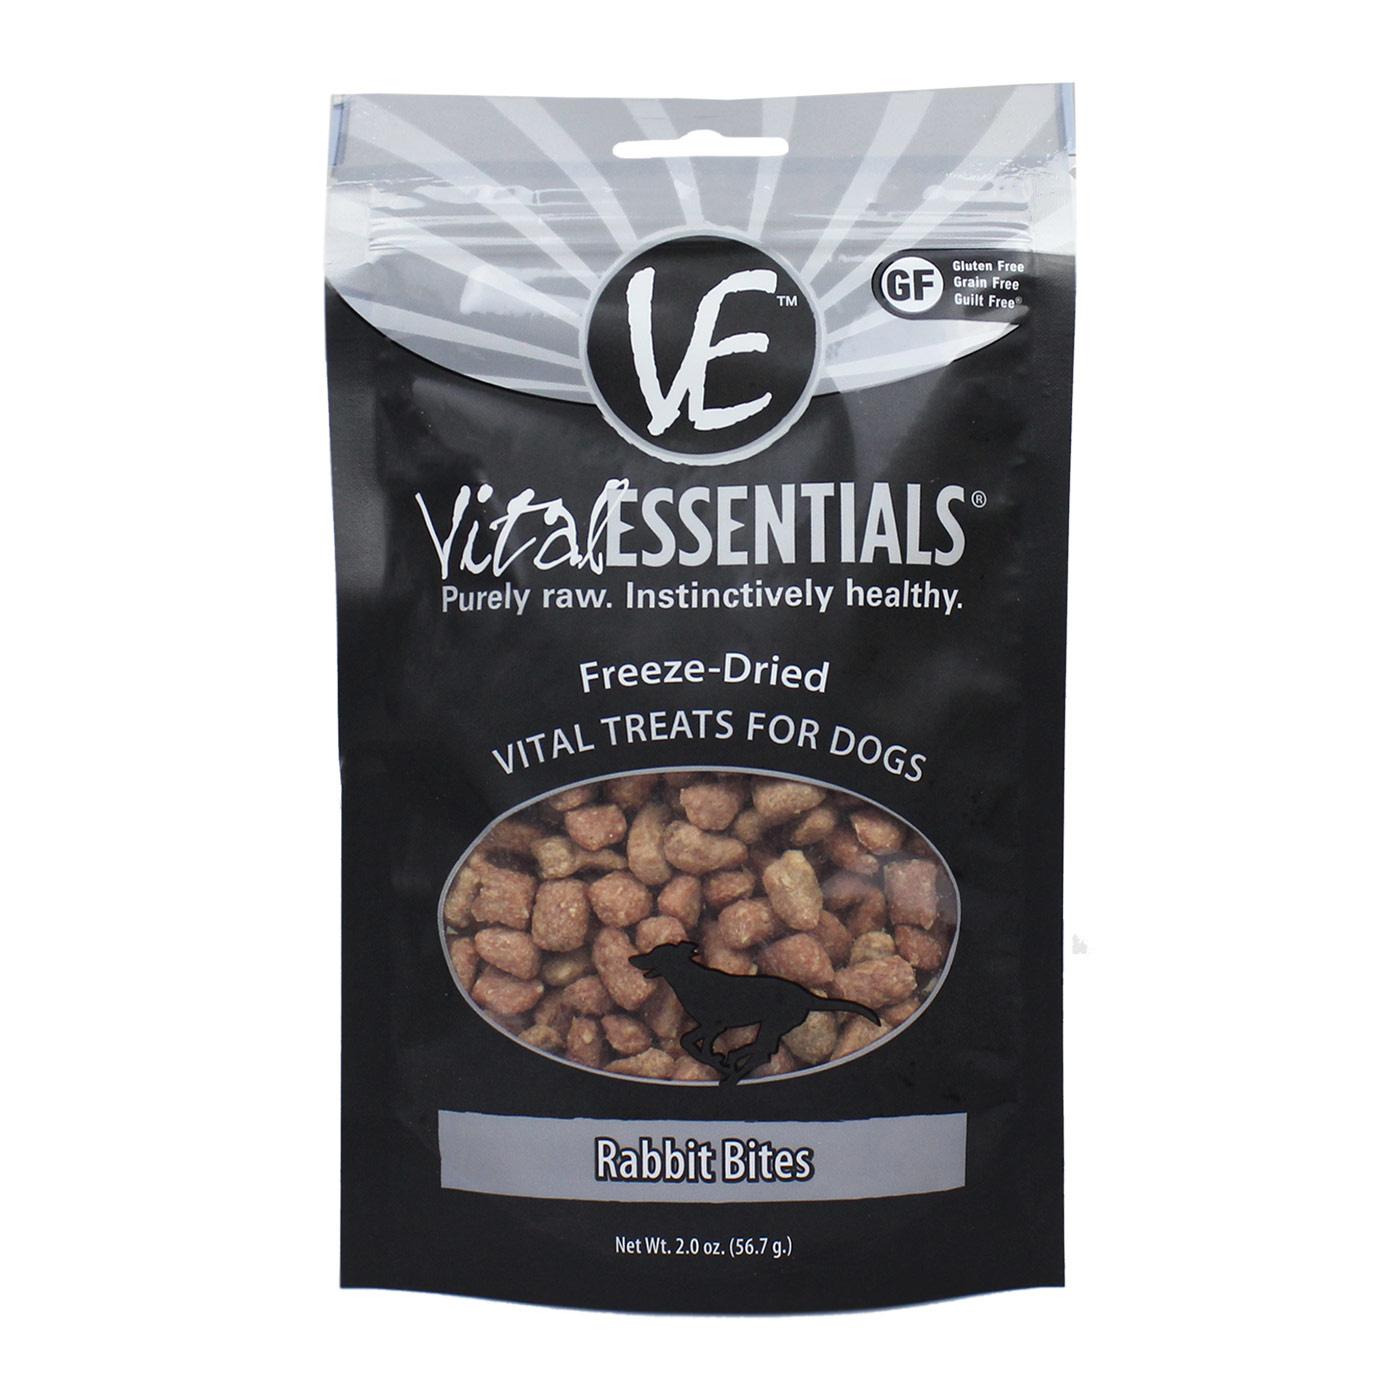 Vital Essentials Vital Essentials Freeze Dried Rabbit Bites Dog Treat  2oz